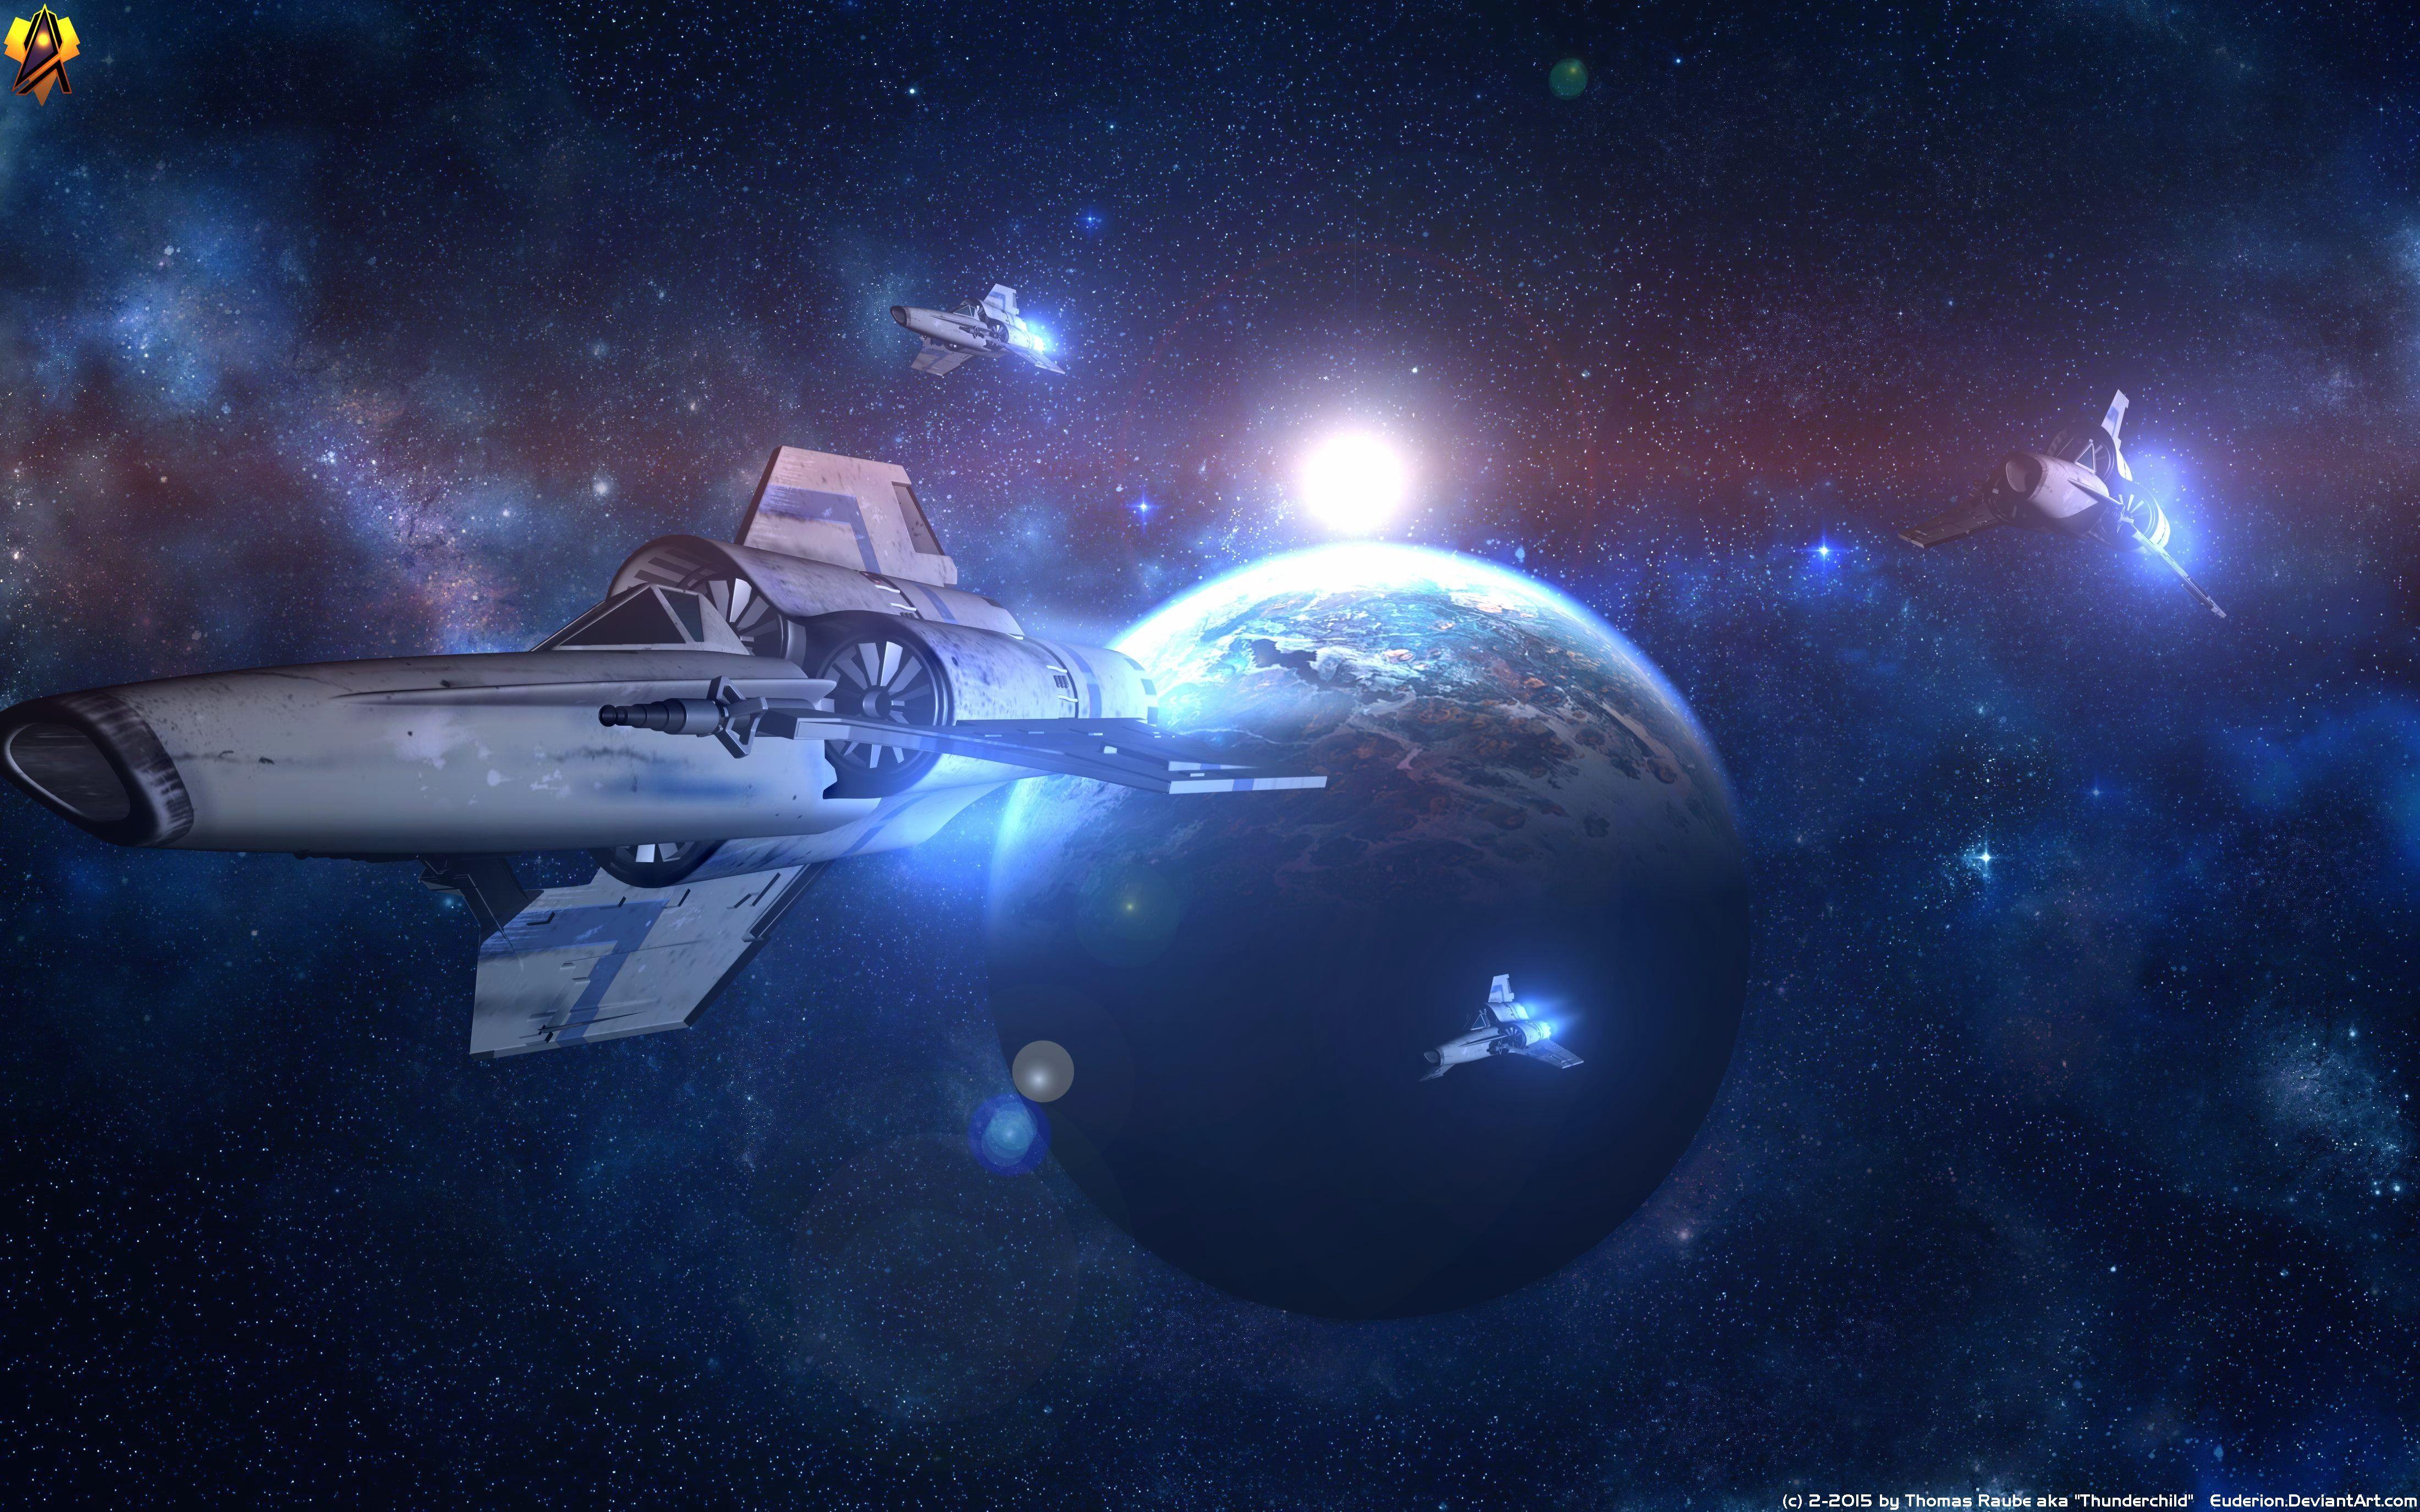 Battlestar Galactica 1978 Google Search Battlestar Galactica Battlestar Galactica 1978 Battlestar Galactica Ship